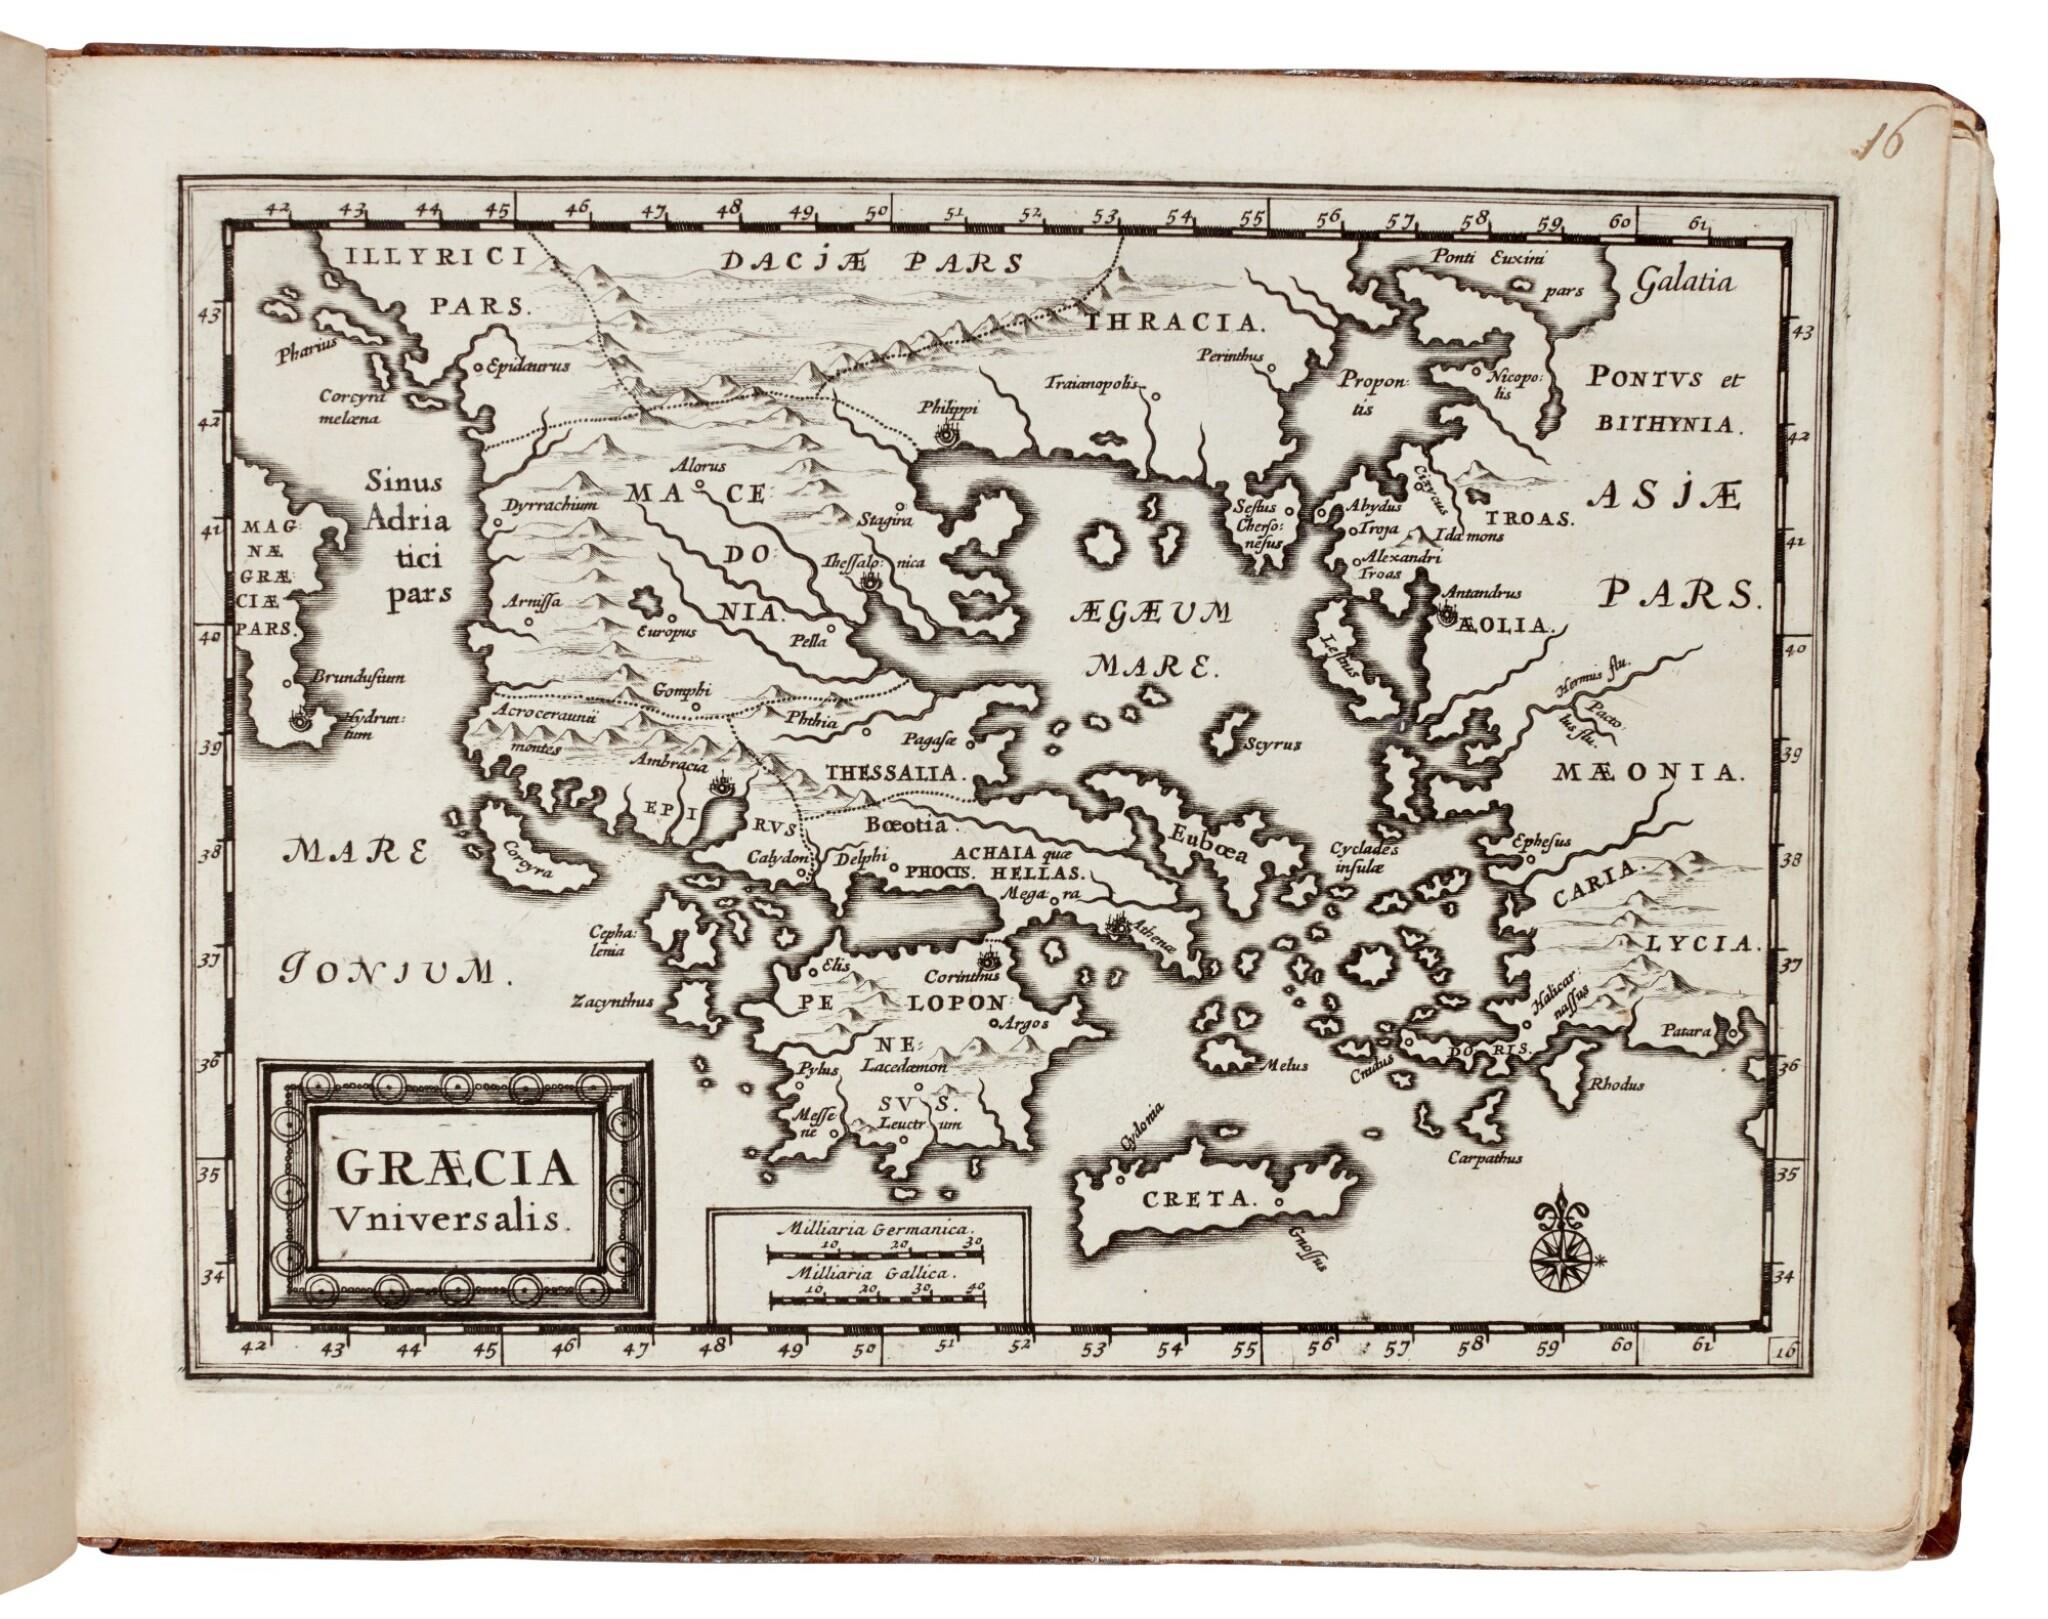 View full screen - View 1 of Lot 35. Pieter van der Aa | Veteris orbis tabulae geographicae, [1714].